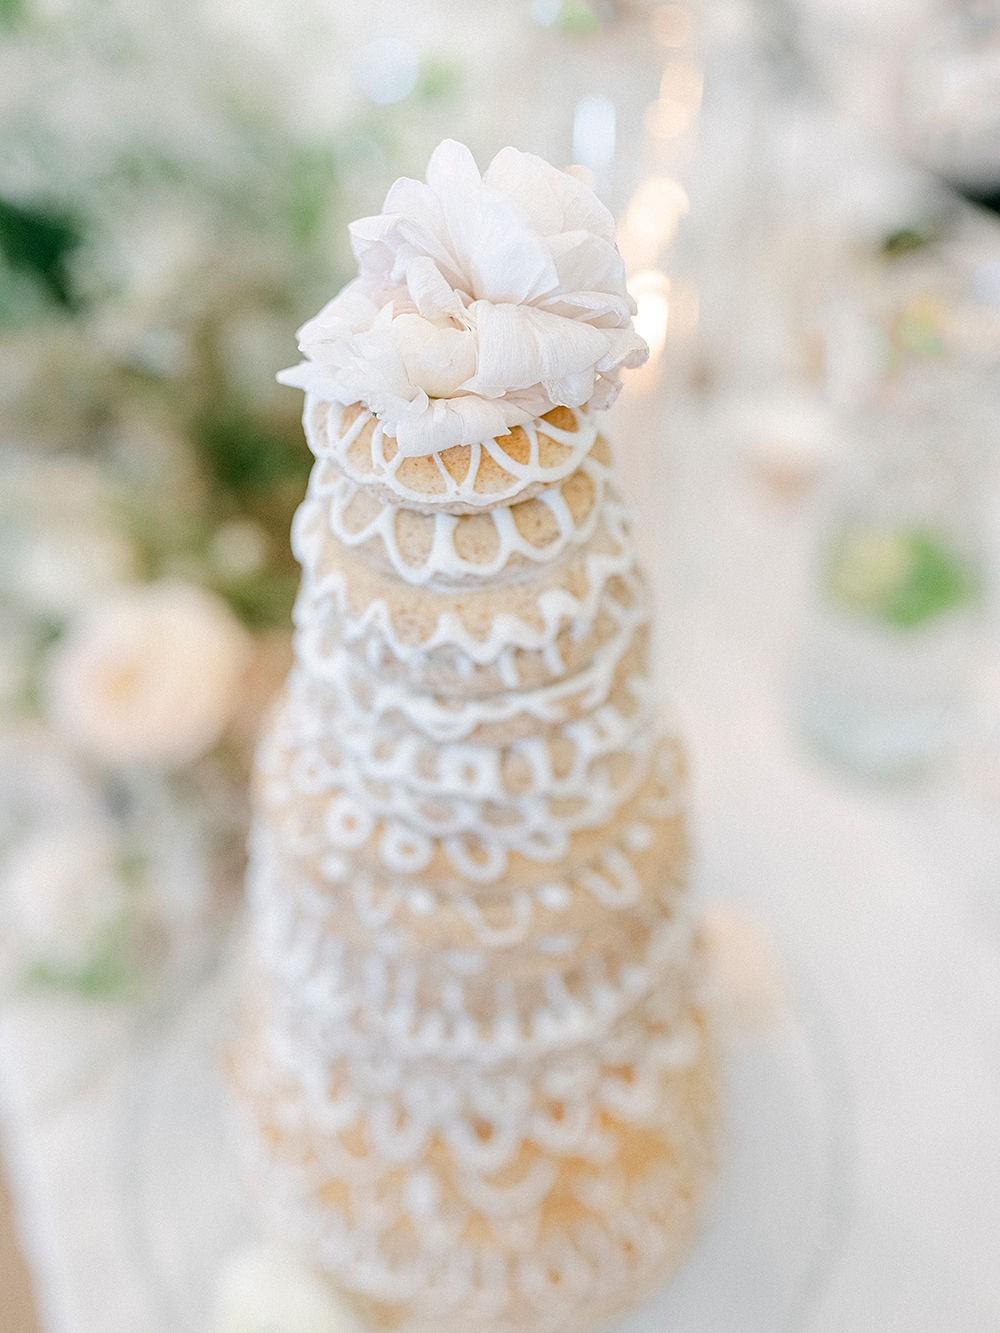 Kransekake Scandinavian wedding cake